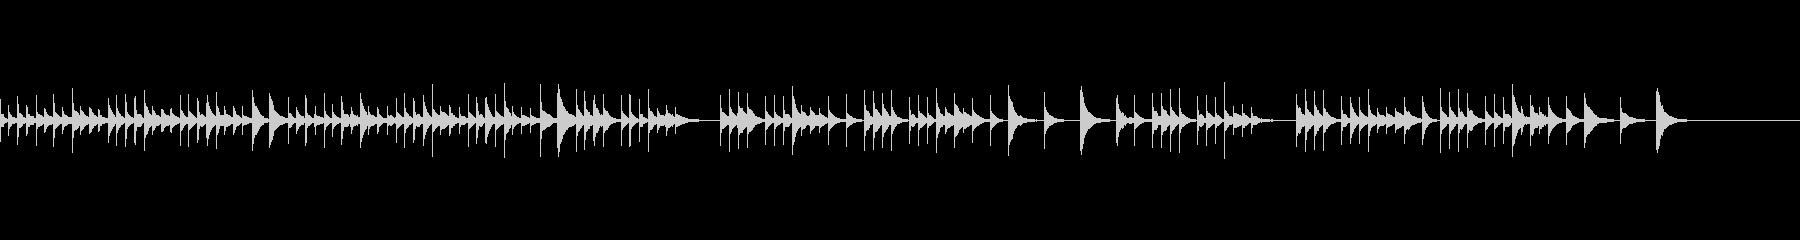 静かで落ち着いた雰囲気のオルゴールの未再生の波形